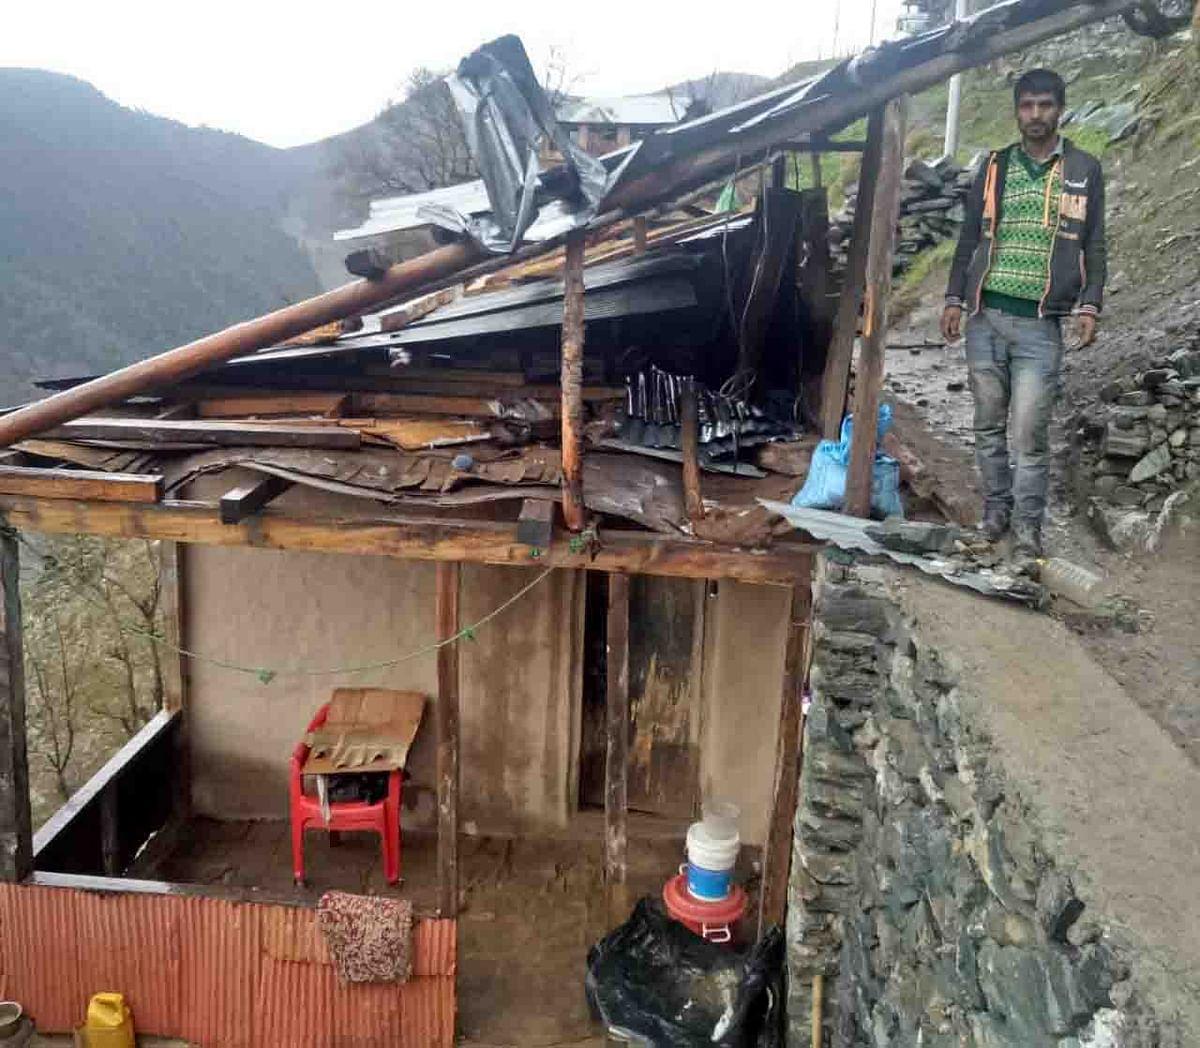 Windstorm damages houses, orchards in north Kashmir